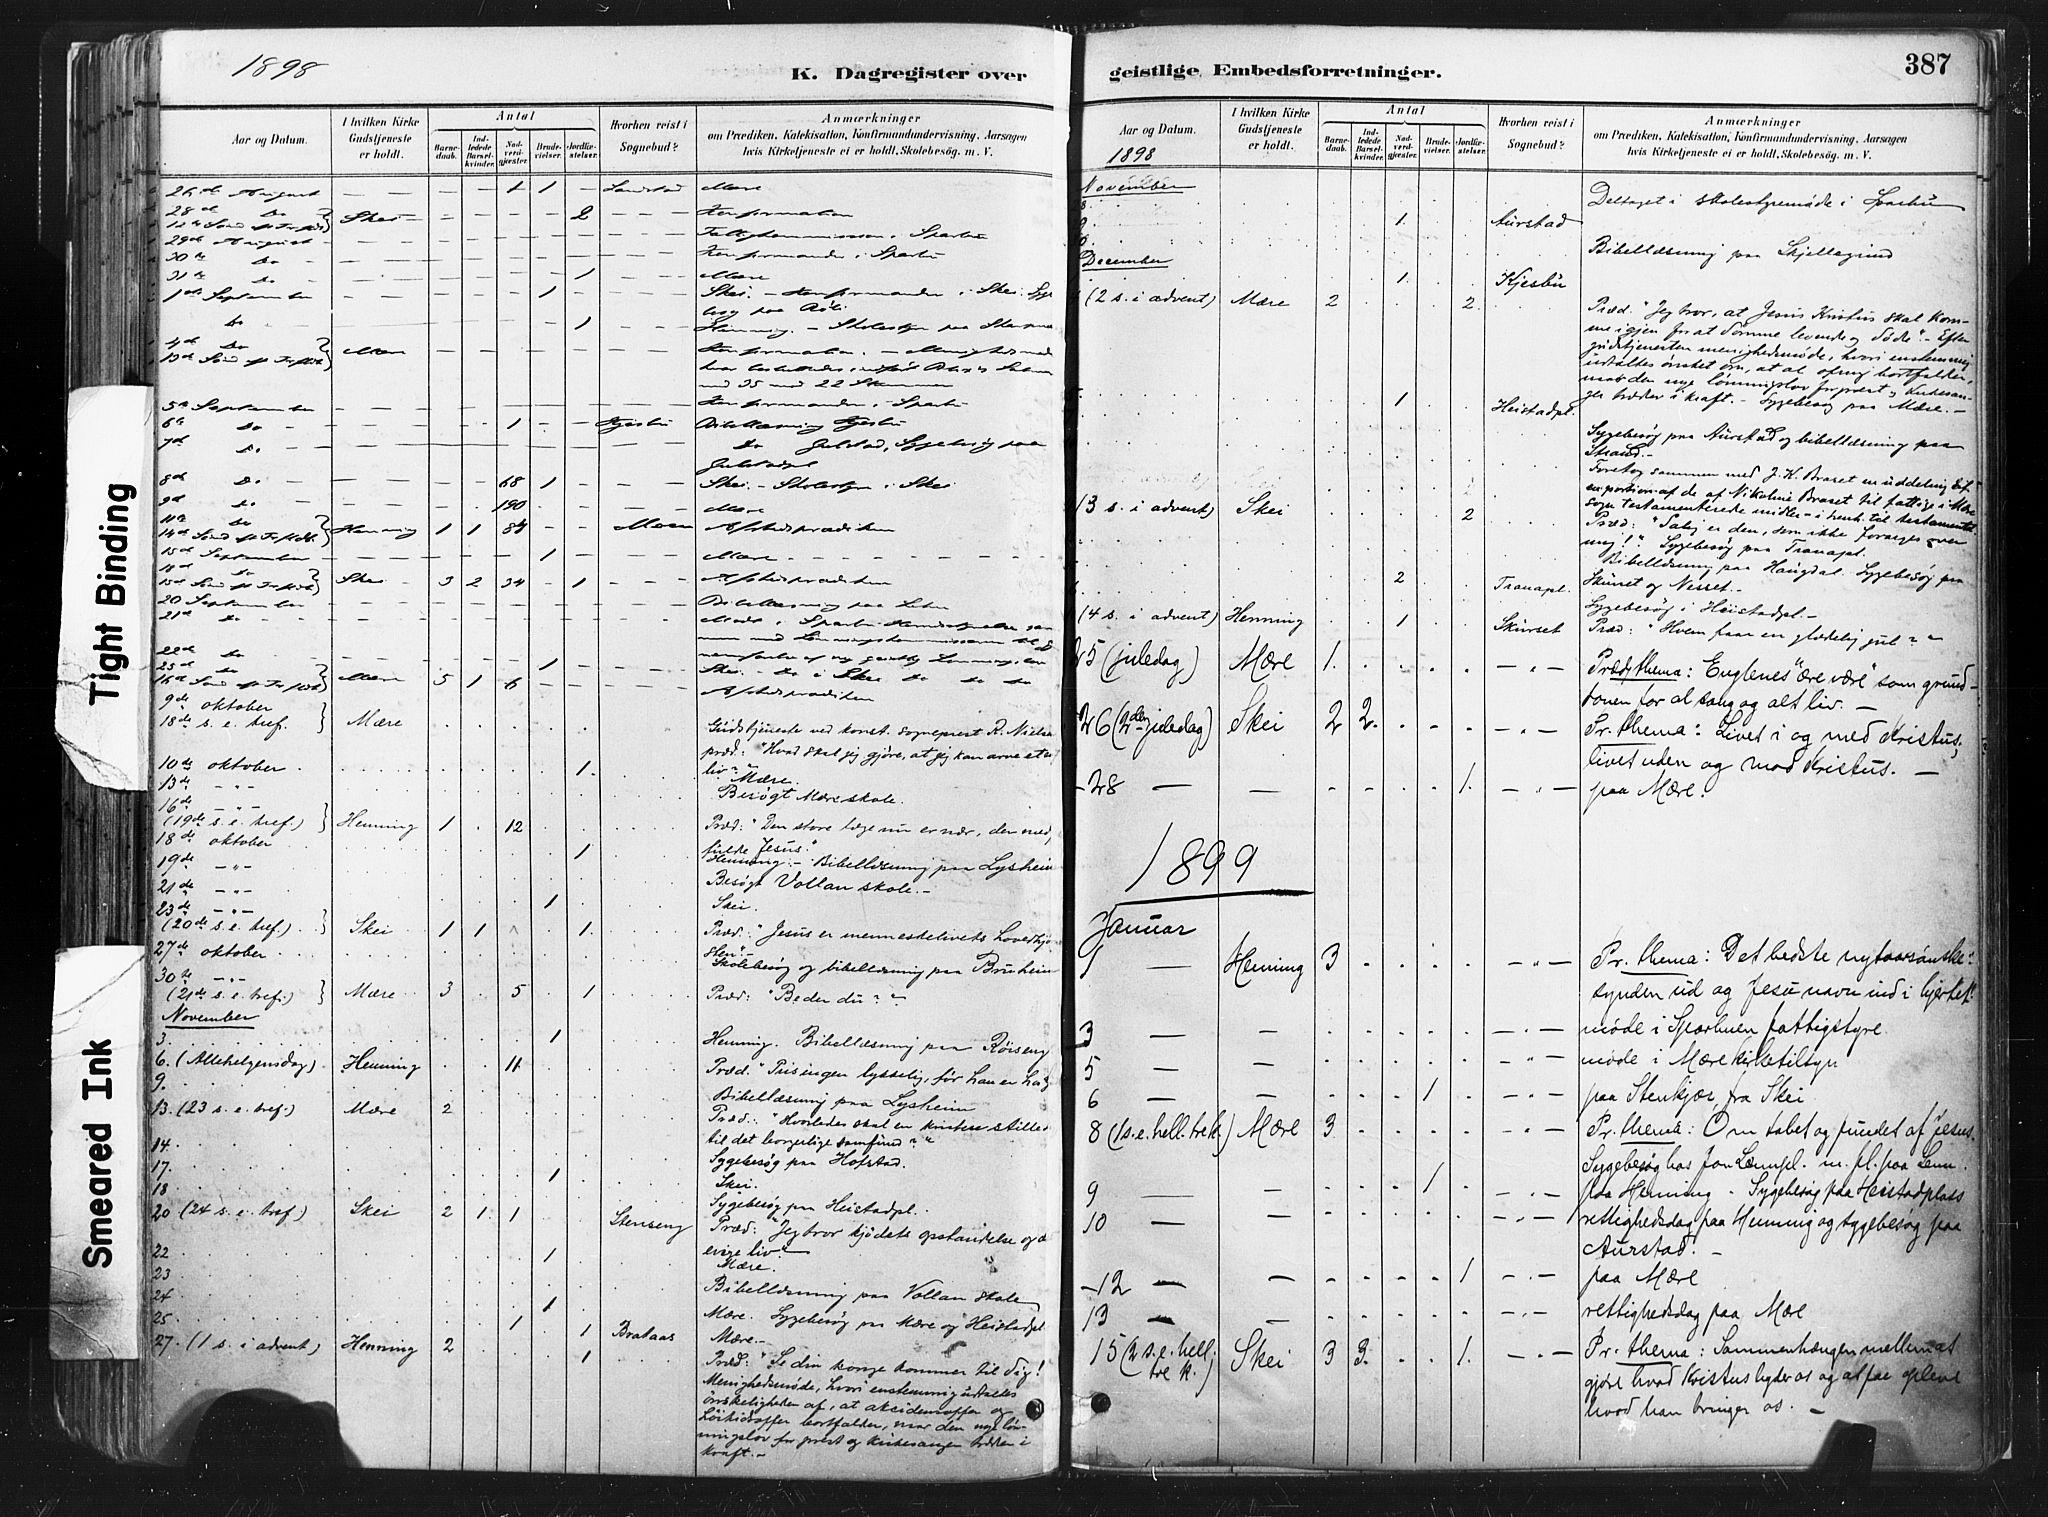 SAT, Ministerialprotokoller, klokkerbøker og fødselsregistre - Nord-Trøndelag, 735/L0351: Ministerialbok nr. 735A10, 1884-1908, s. 387